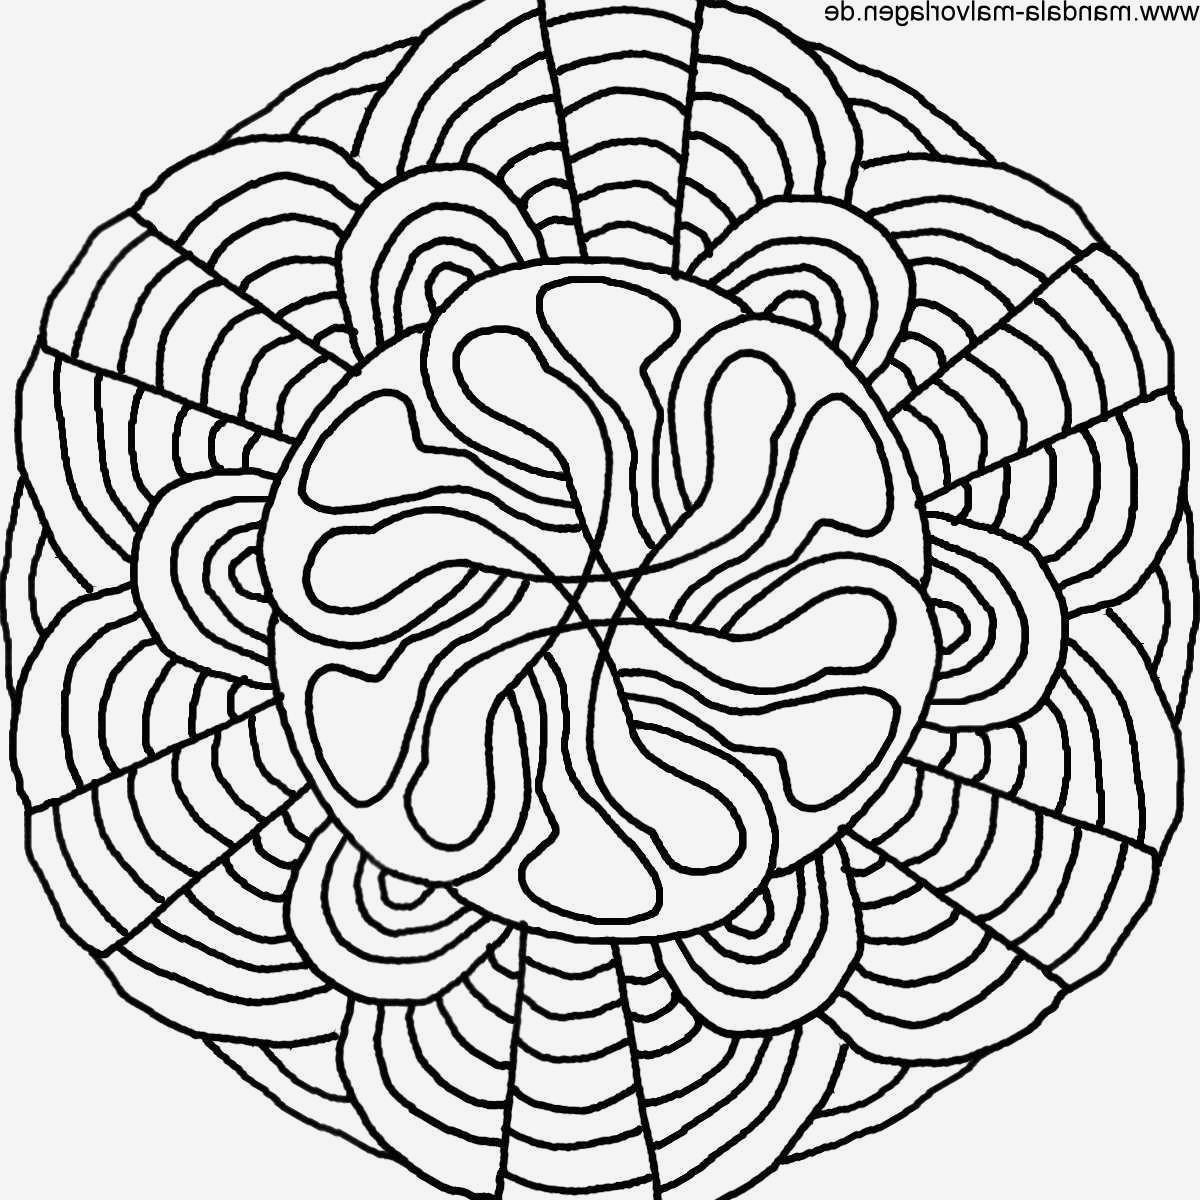 Herz Mandalas Zum Ausmalen Frisch 22 Lecker Malvorlage Herz – Malvorlagen Ideen Bild